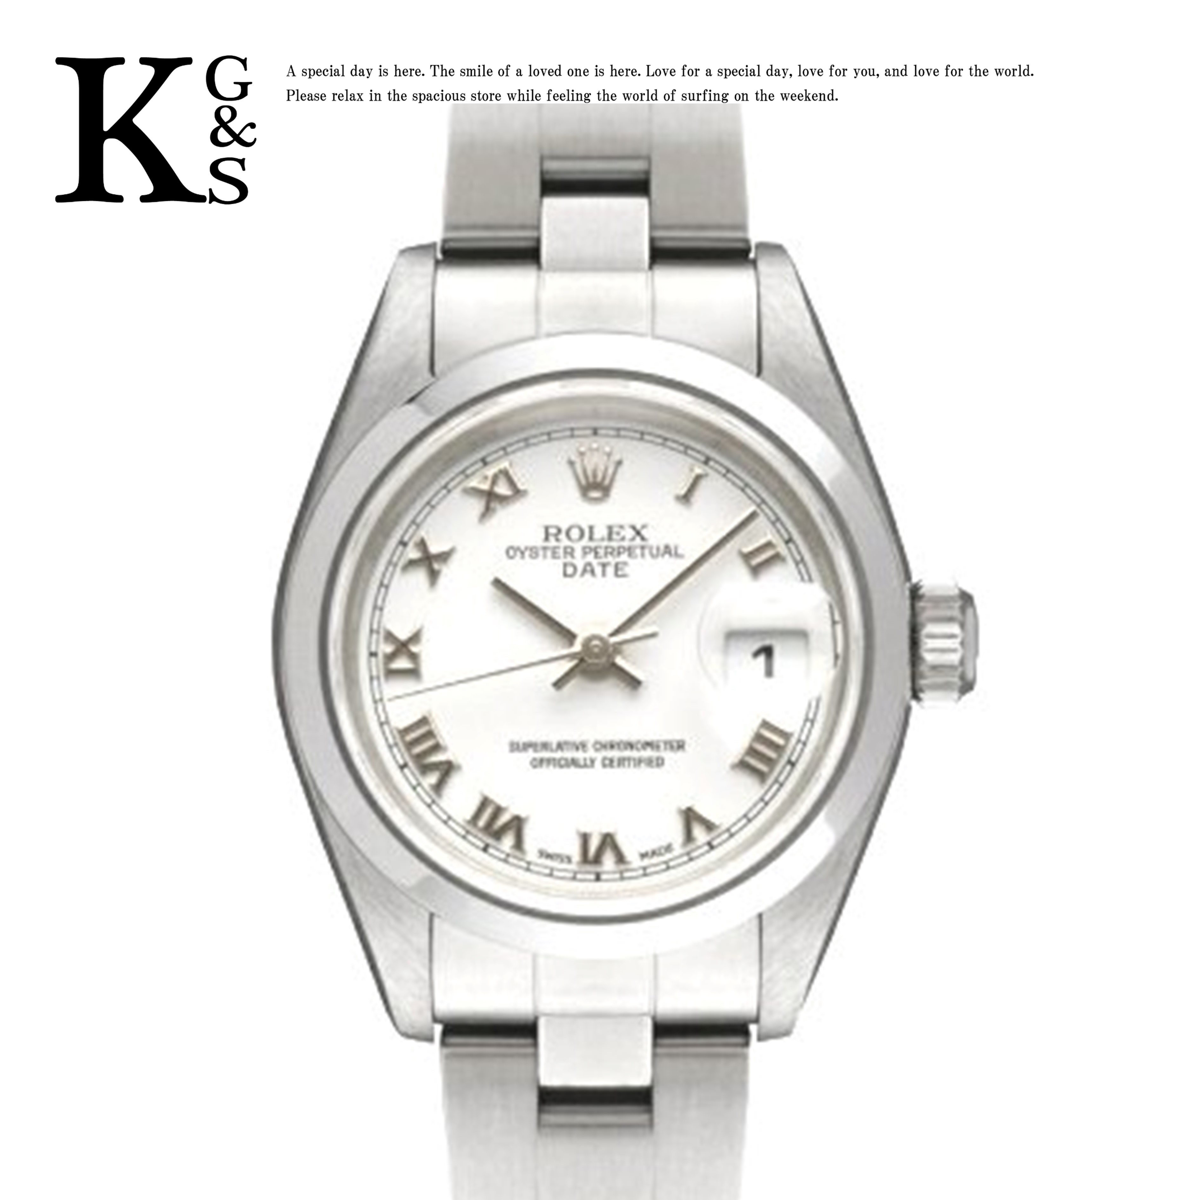 【ギフト品質】ロレックス/ROLEX レディース 腕時計 オイスターパーペチュアル デイト ホワイト文字盤 ローマン インデックス ステンレススチール 79160